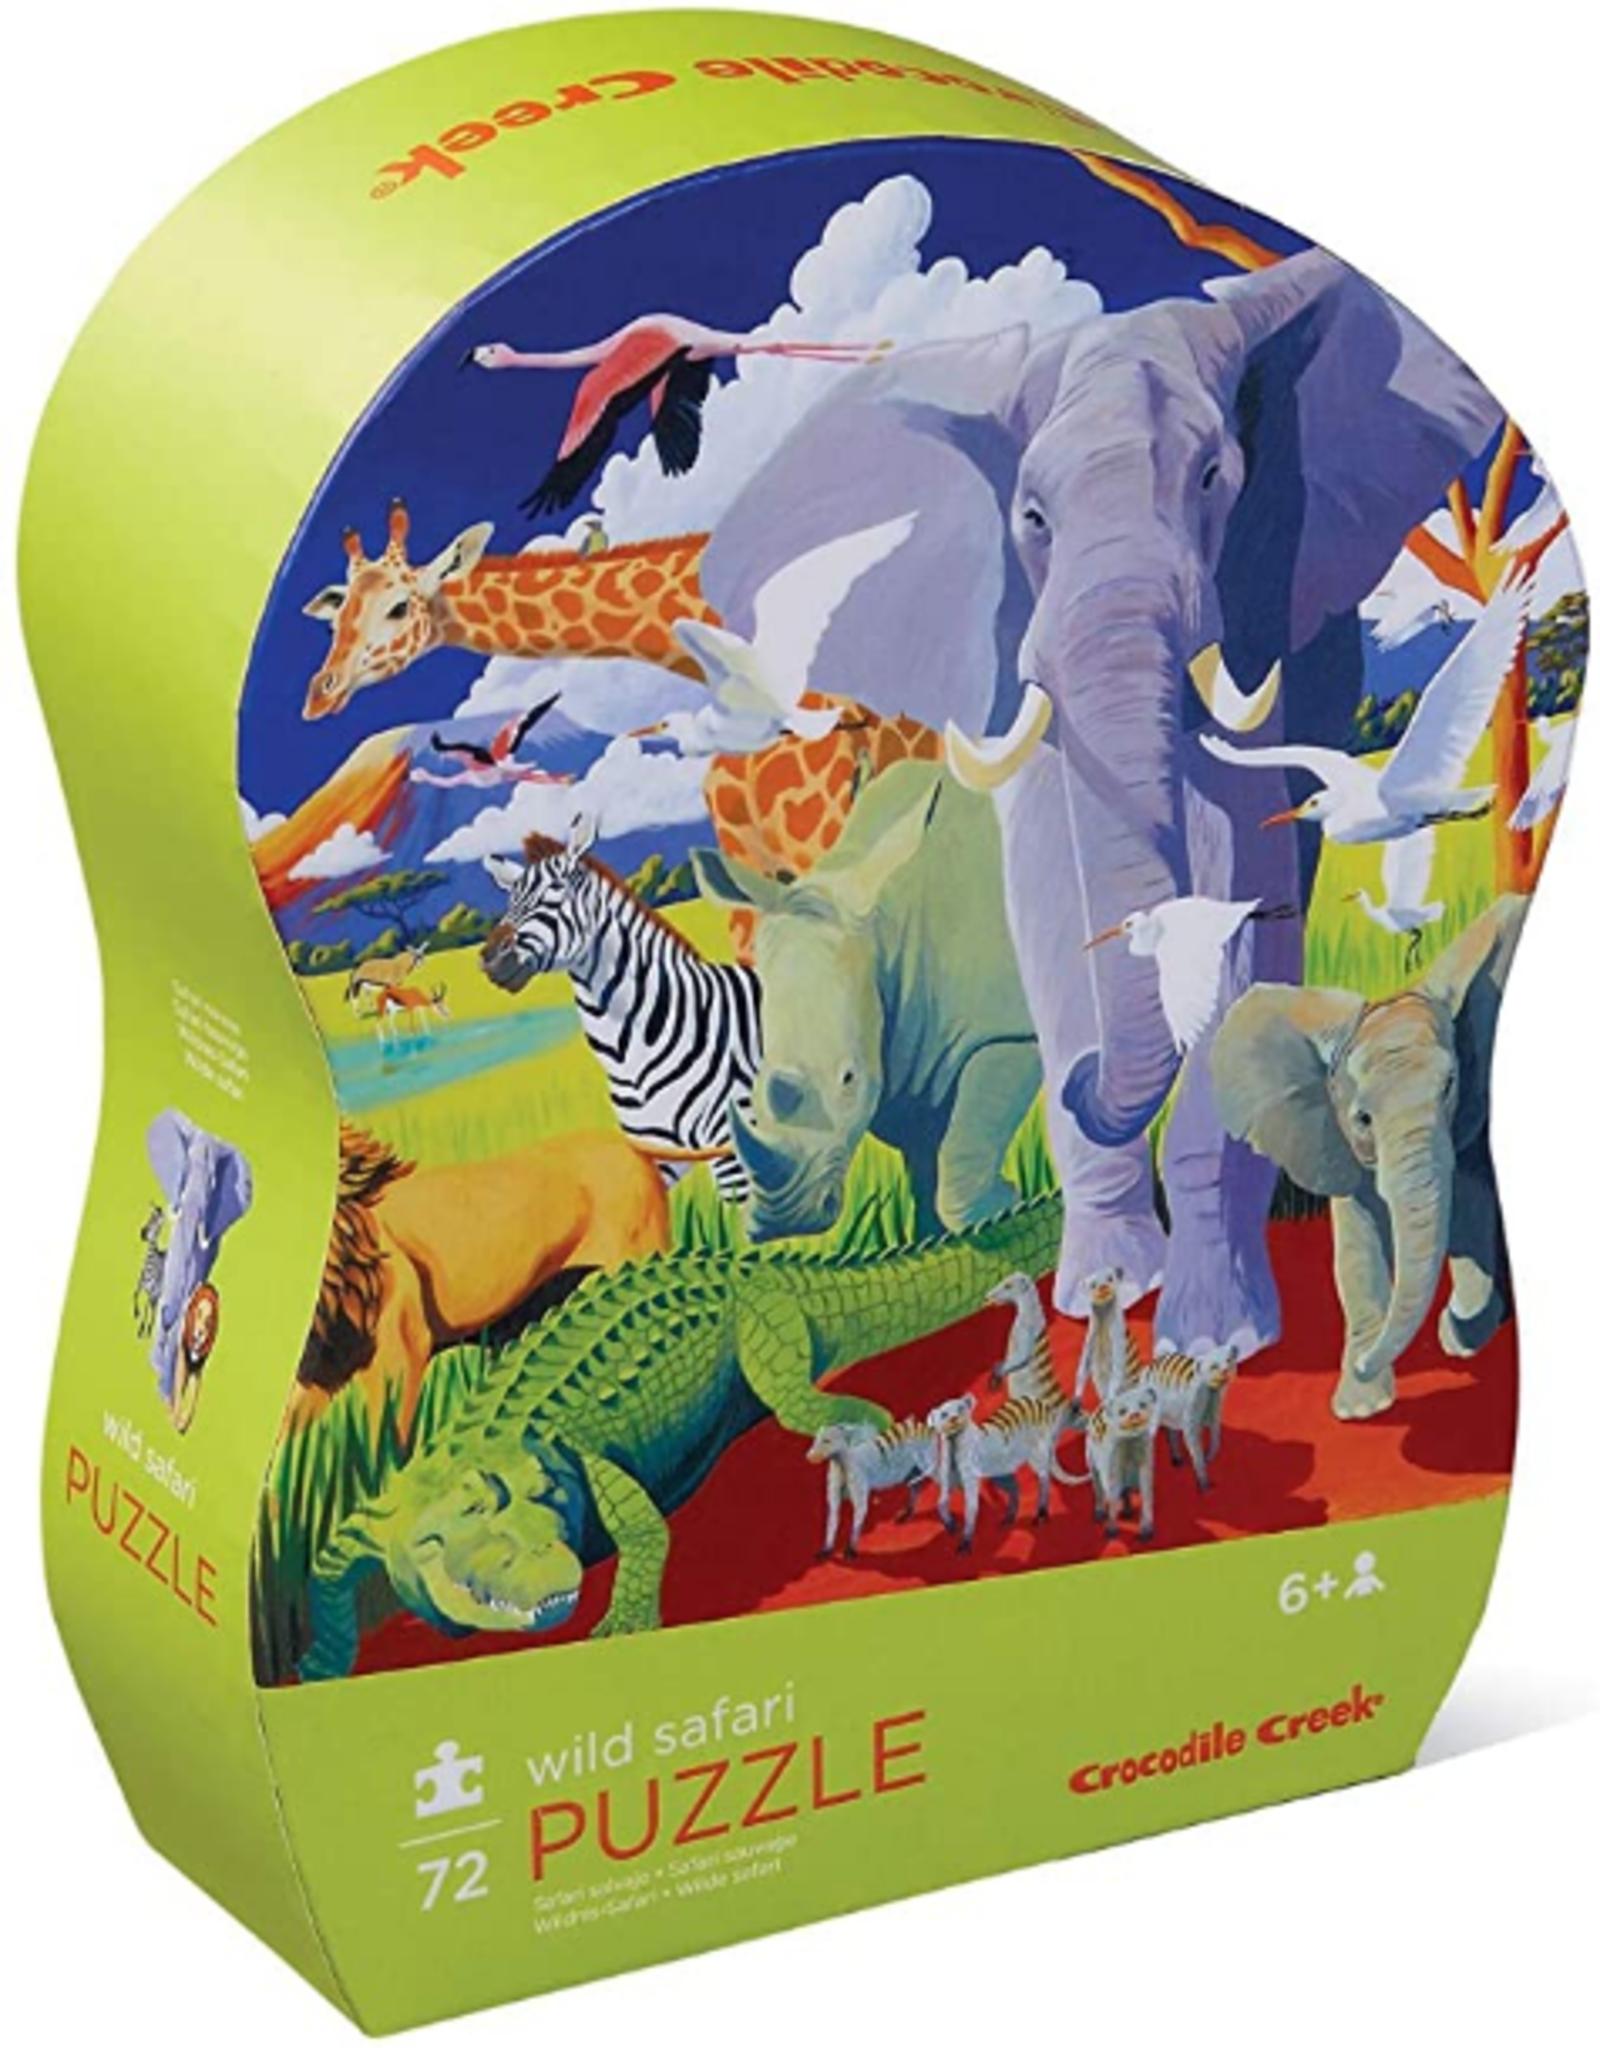 Crocodile Creek 72pc Puzzle: Wild Safari